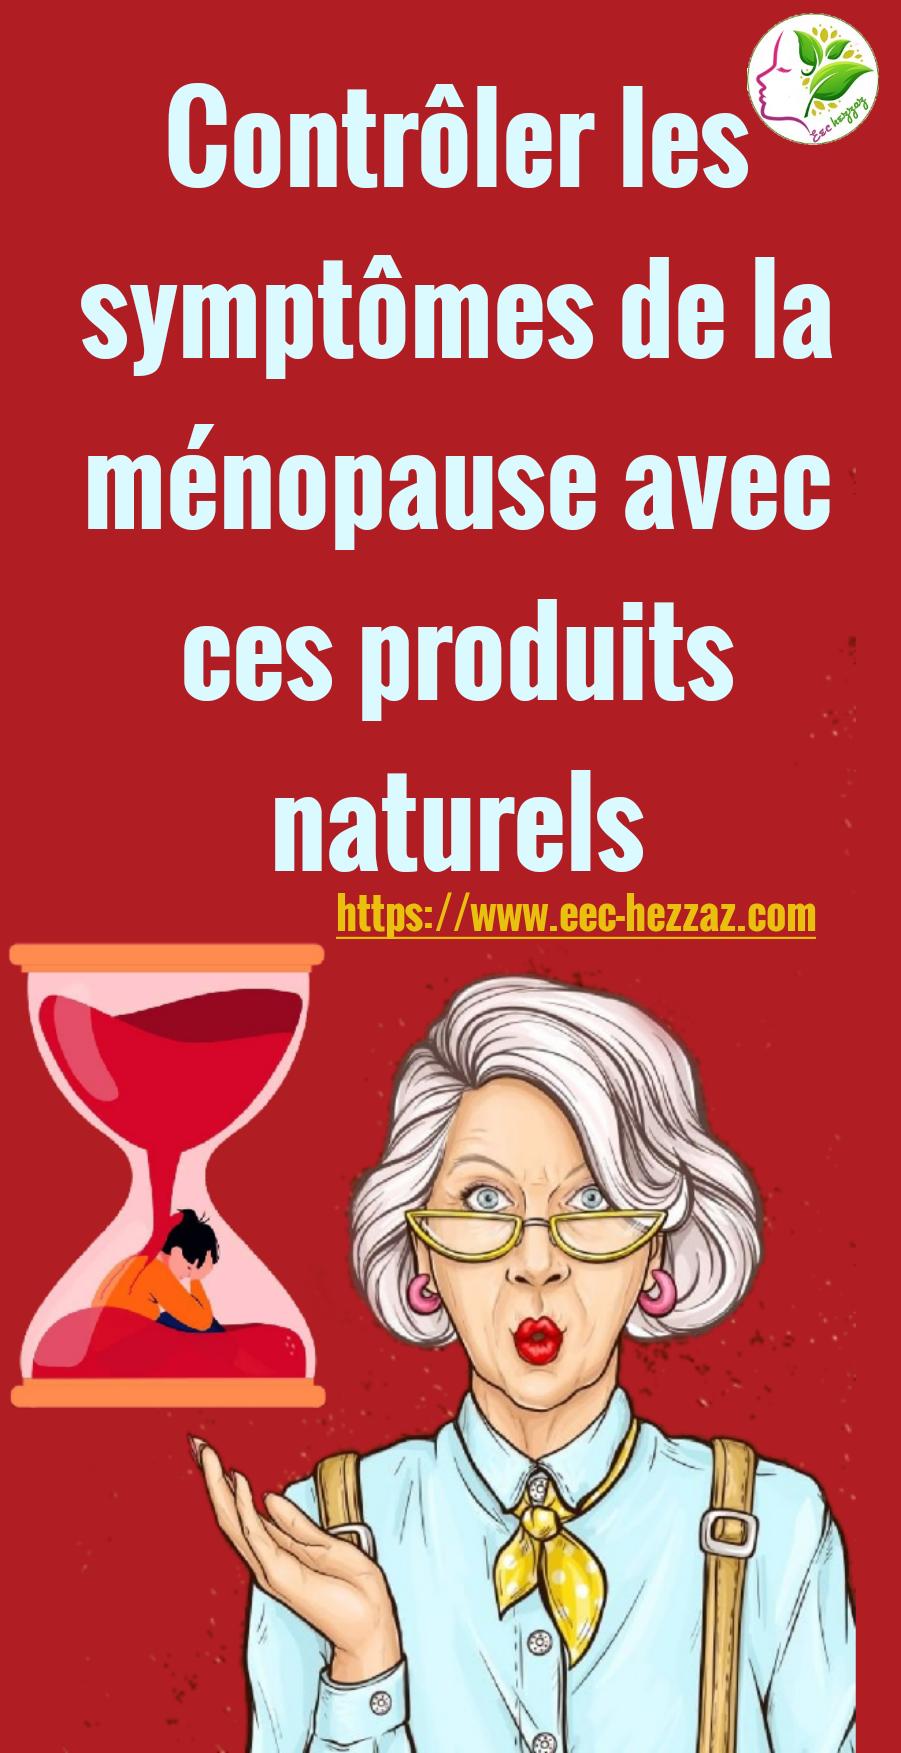 Contrôler les symptômes de la ménopause avec ces produits naturels